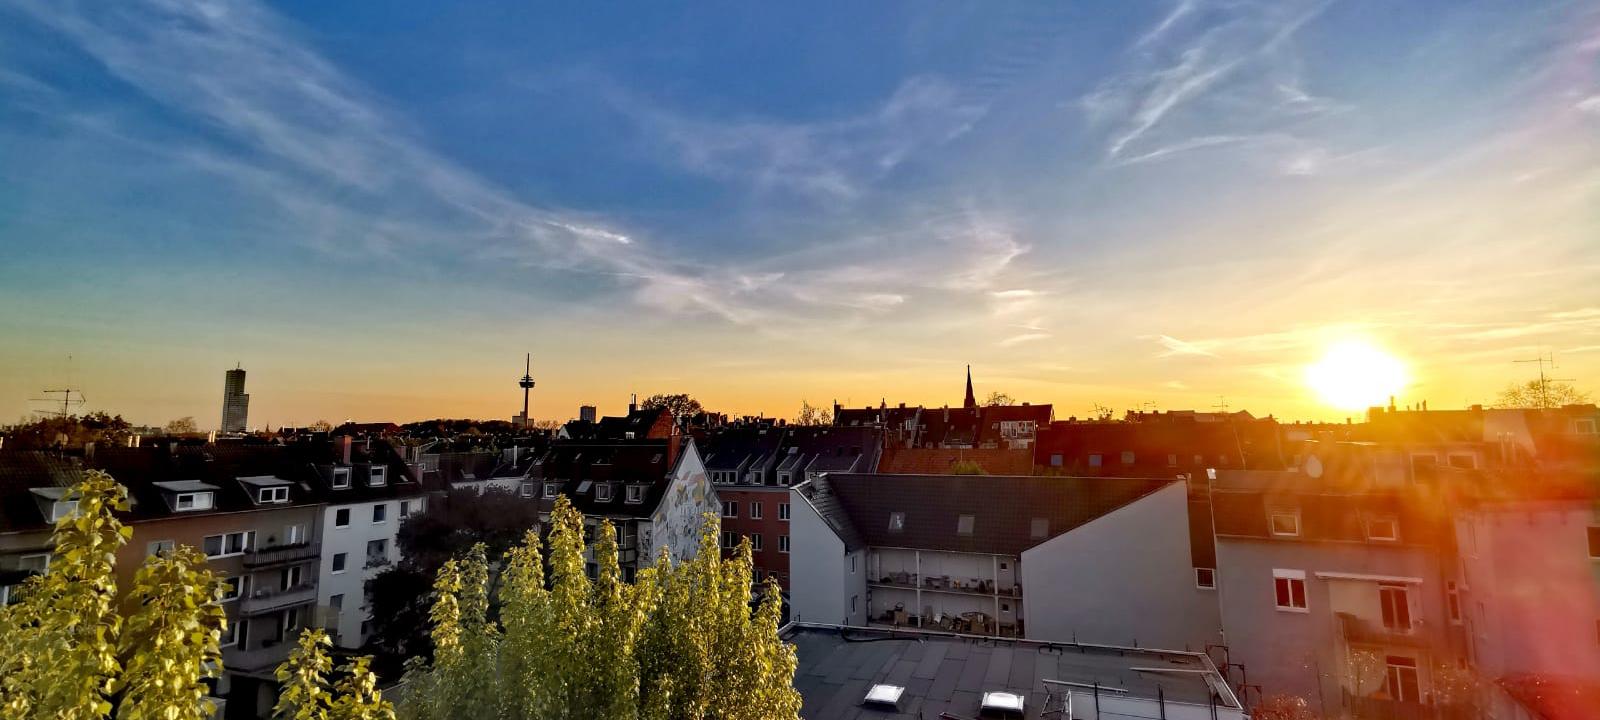 Sonnenuntergang über den Dächern von Nippes